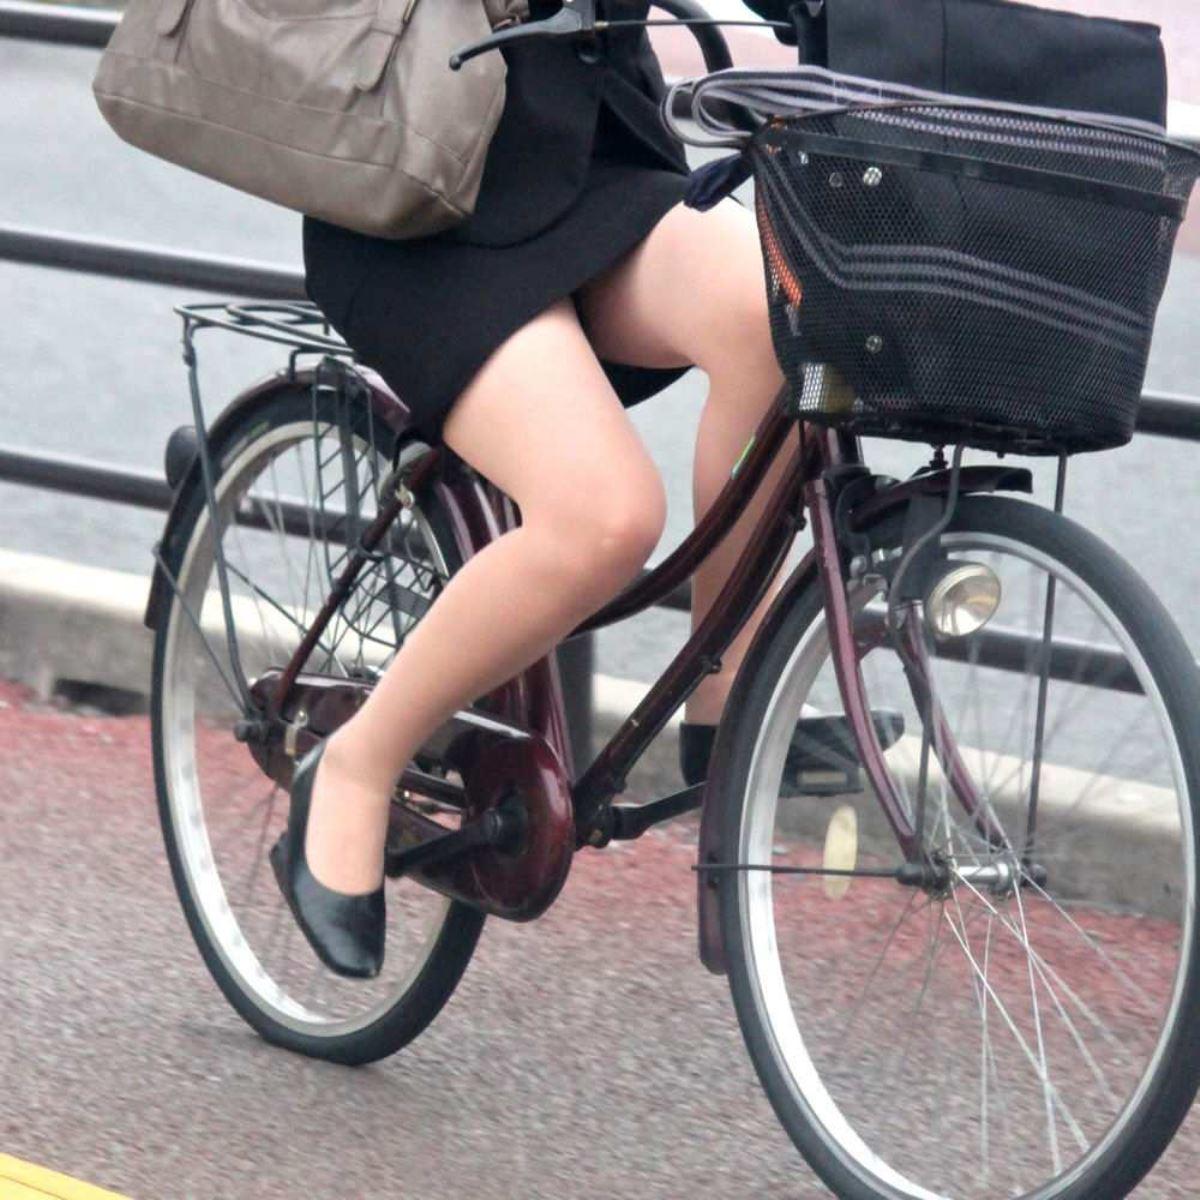 タイトスカートで自転車に乗るOL街撮りエロ画像 38